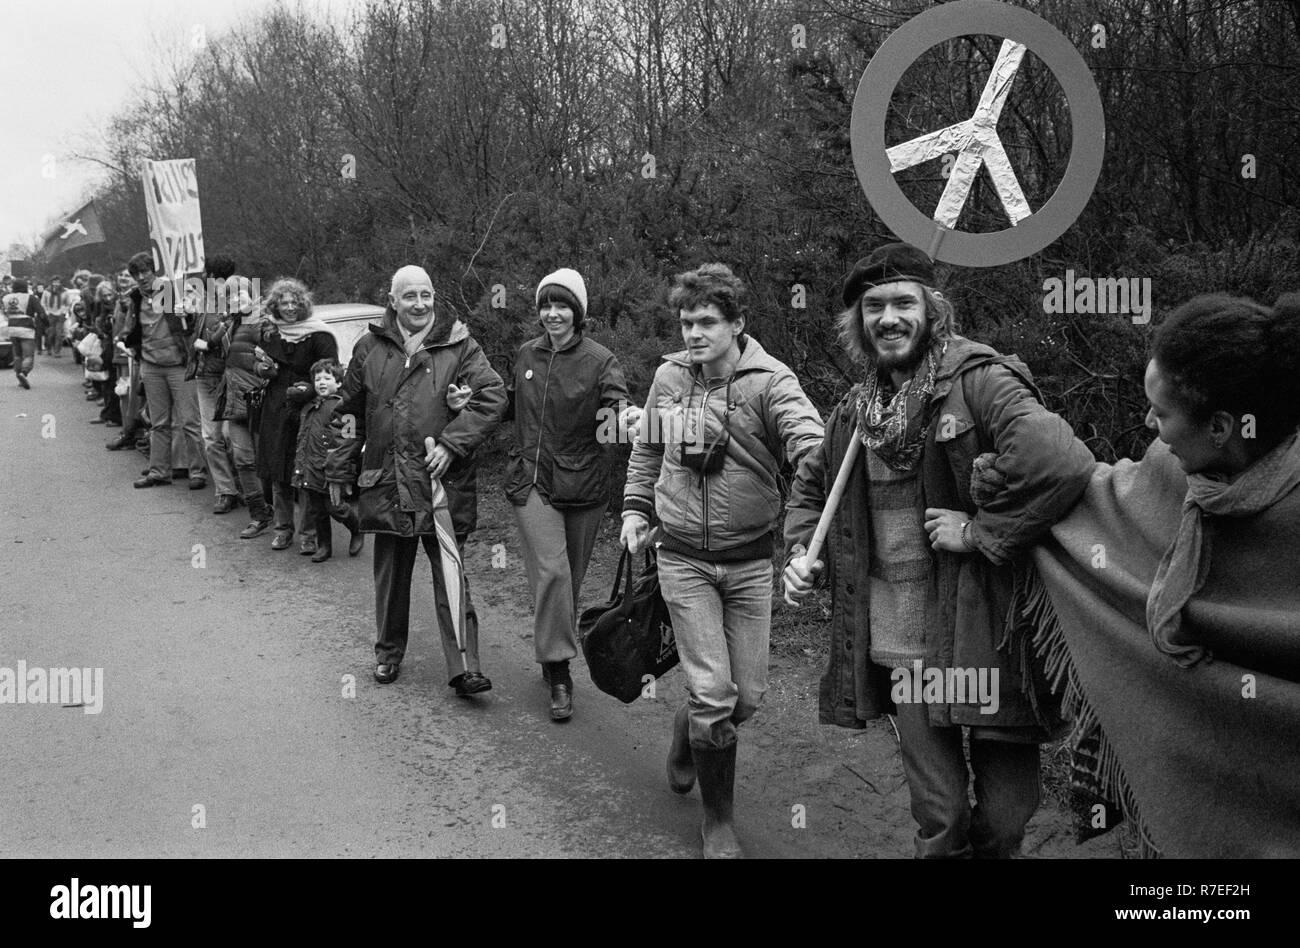 Les anti-nucléaires et les partisans de la CND forment une chaîne humaine en dehors de Greenham Common US Air Force Base, Berkshire, le Vendredi Saint 1983. Banque D'Images